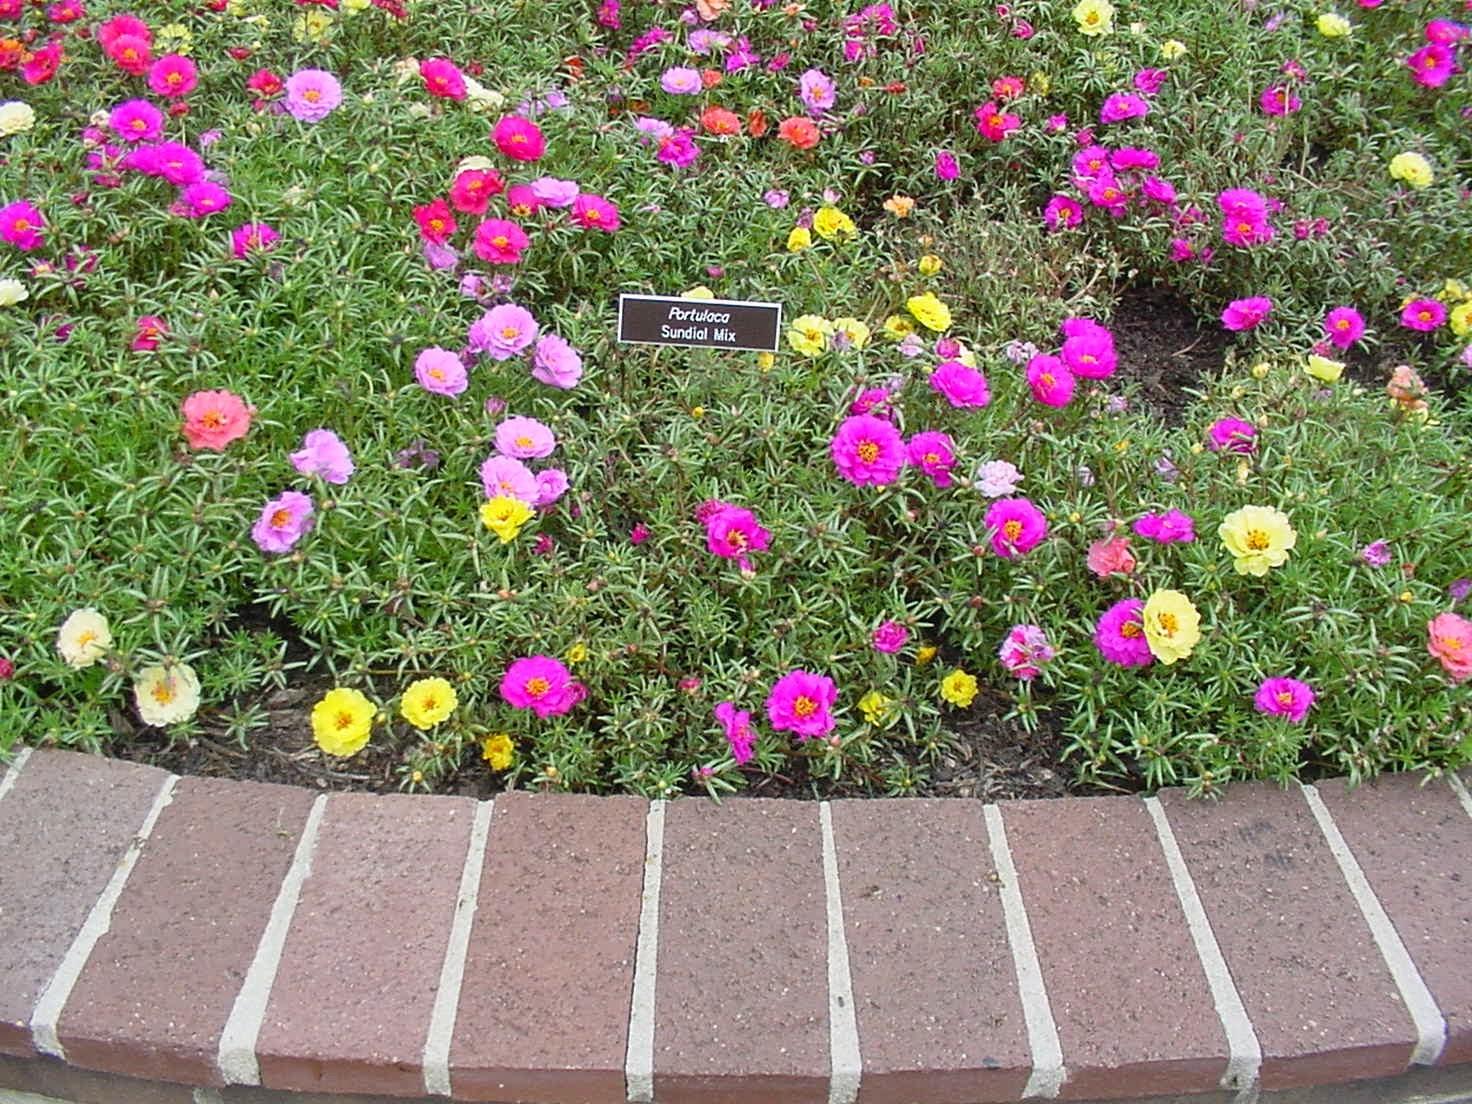 Hoa mười giờ nở rực rỡ rất đẹp